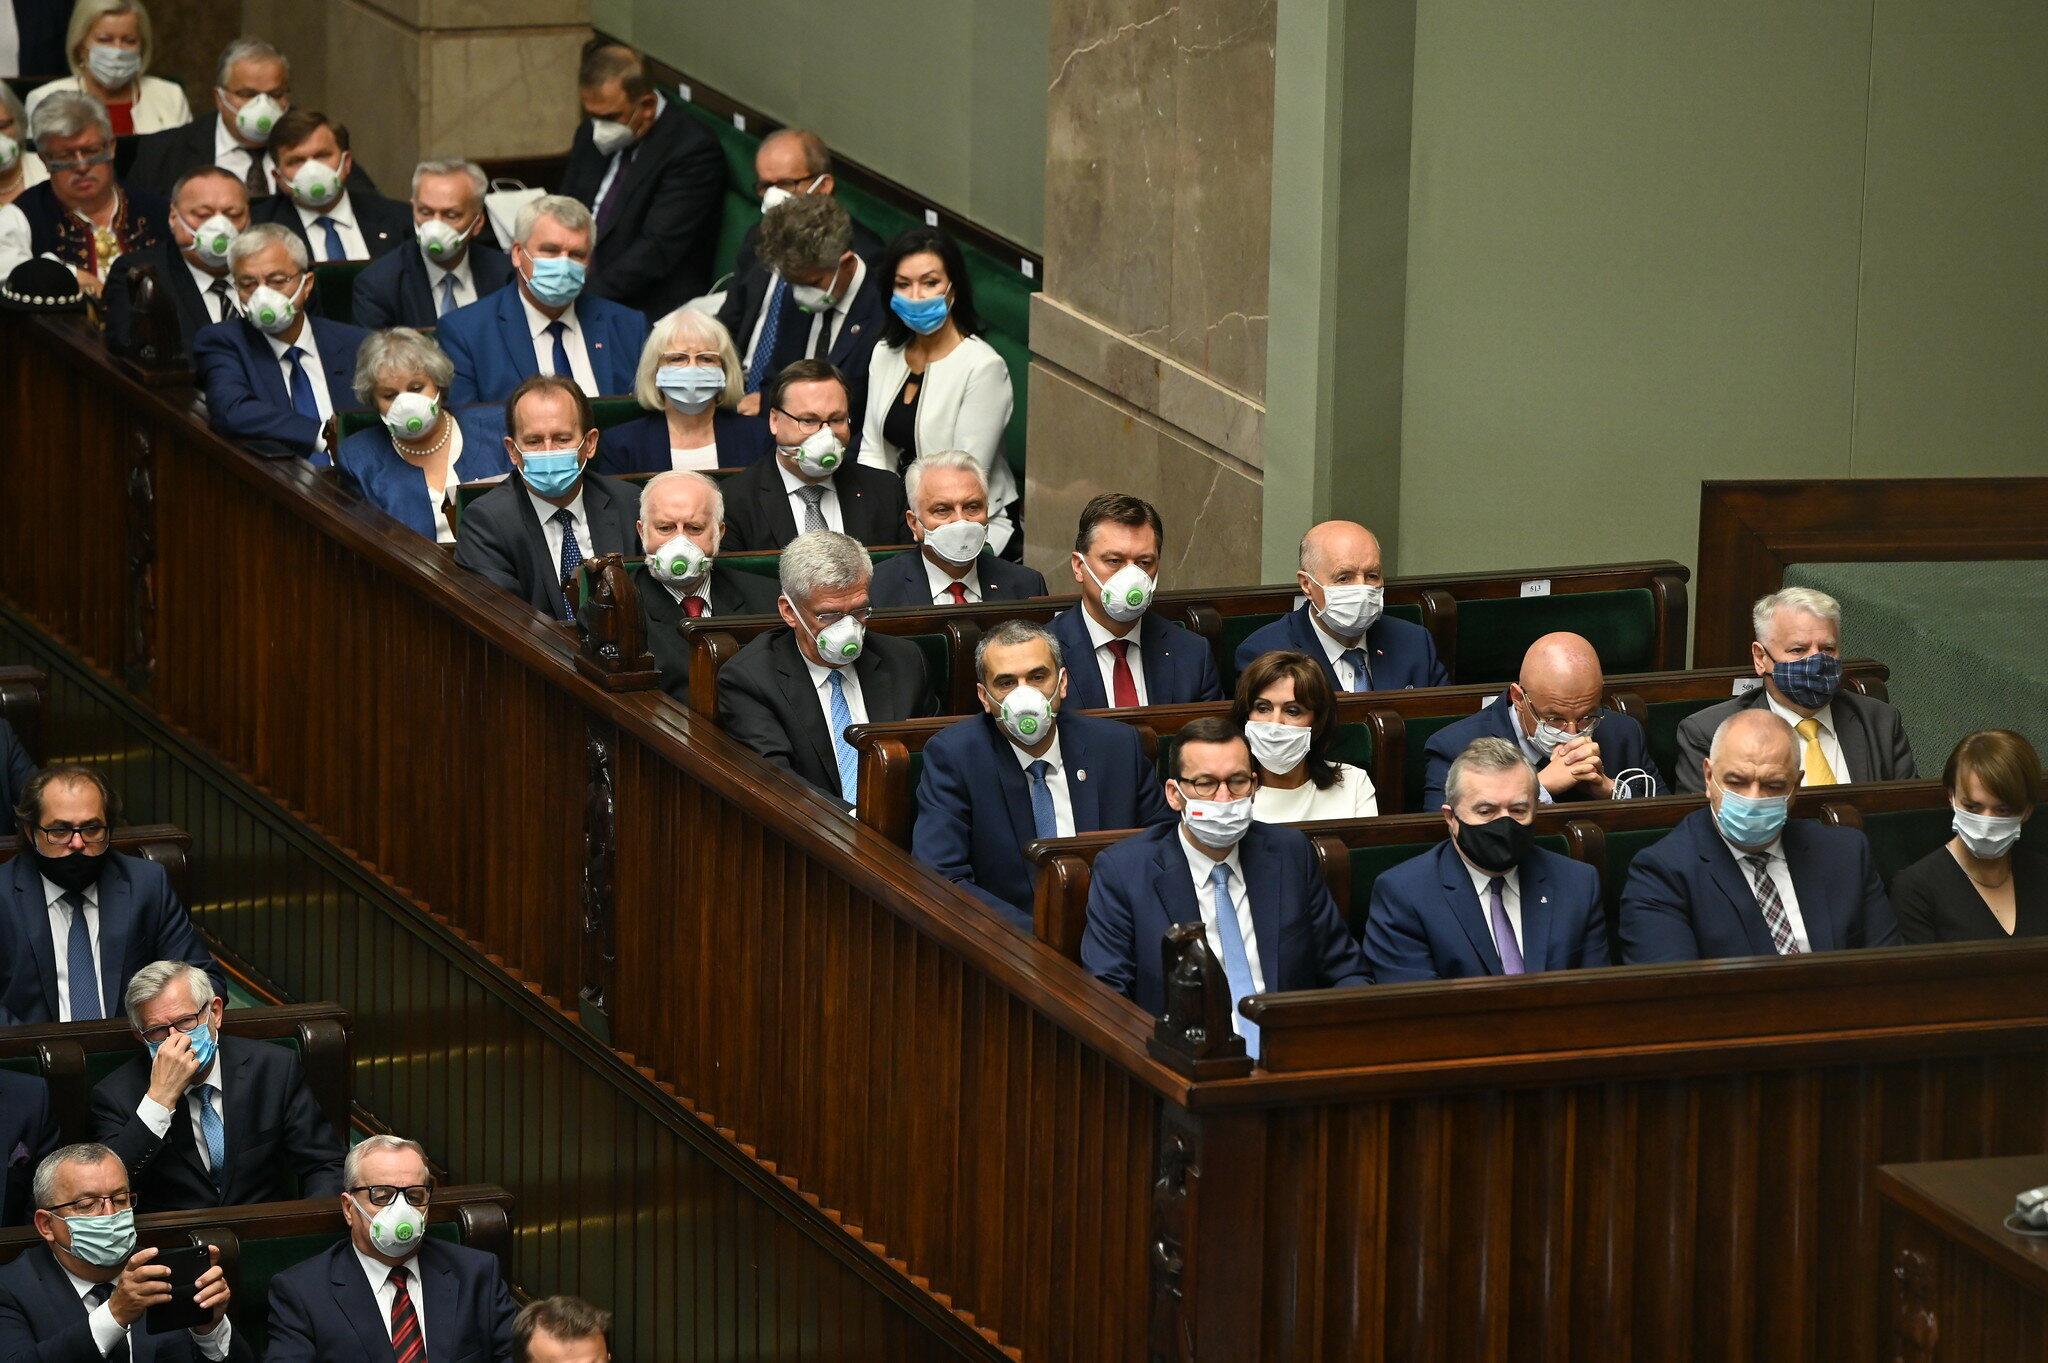 Przedstawiciele rządu w Sejmie. W pierwszym rzędzie Mateusz Morawiecki